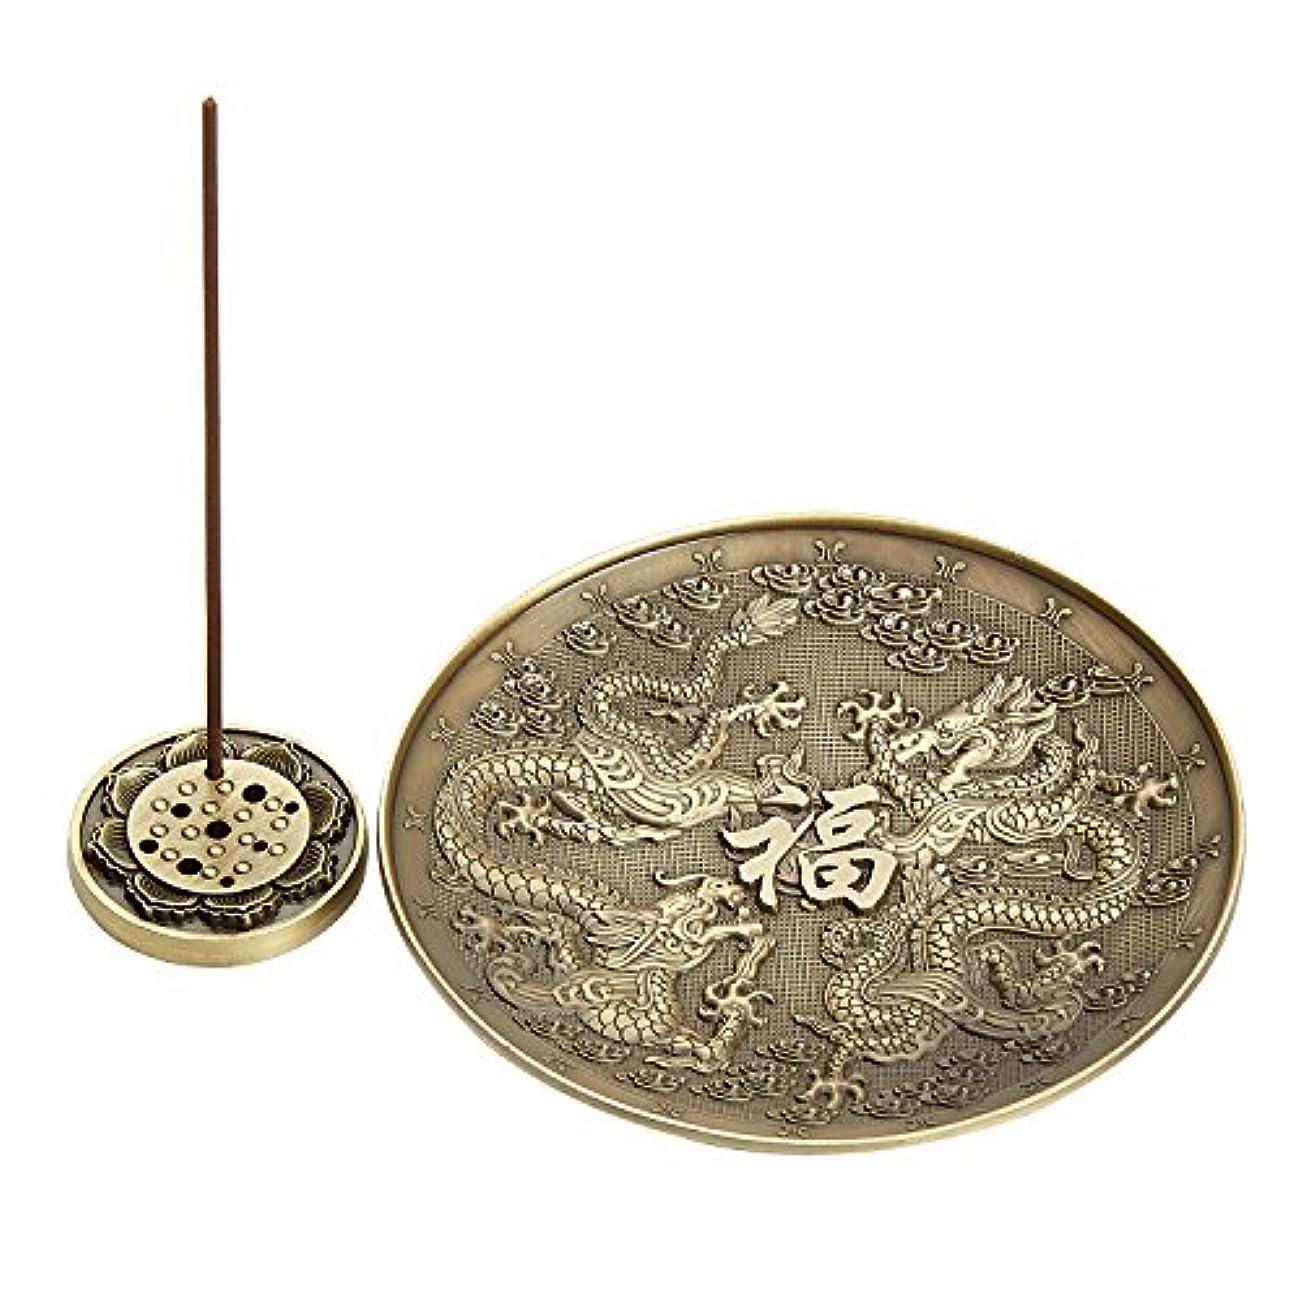 マイナス付属品クーポンUoonドラゴン香炉ホルダーのスティック、コイルIncense、Feng Shui Prodcut、ホームデコレーション UOON-DR001